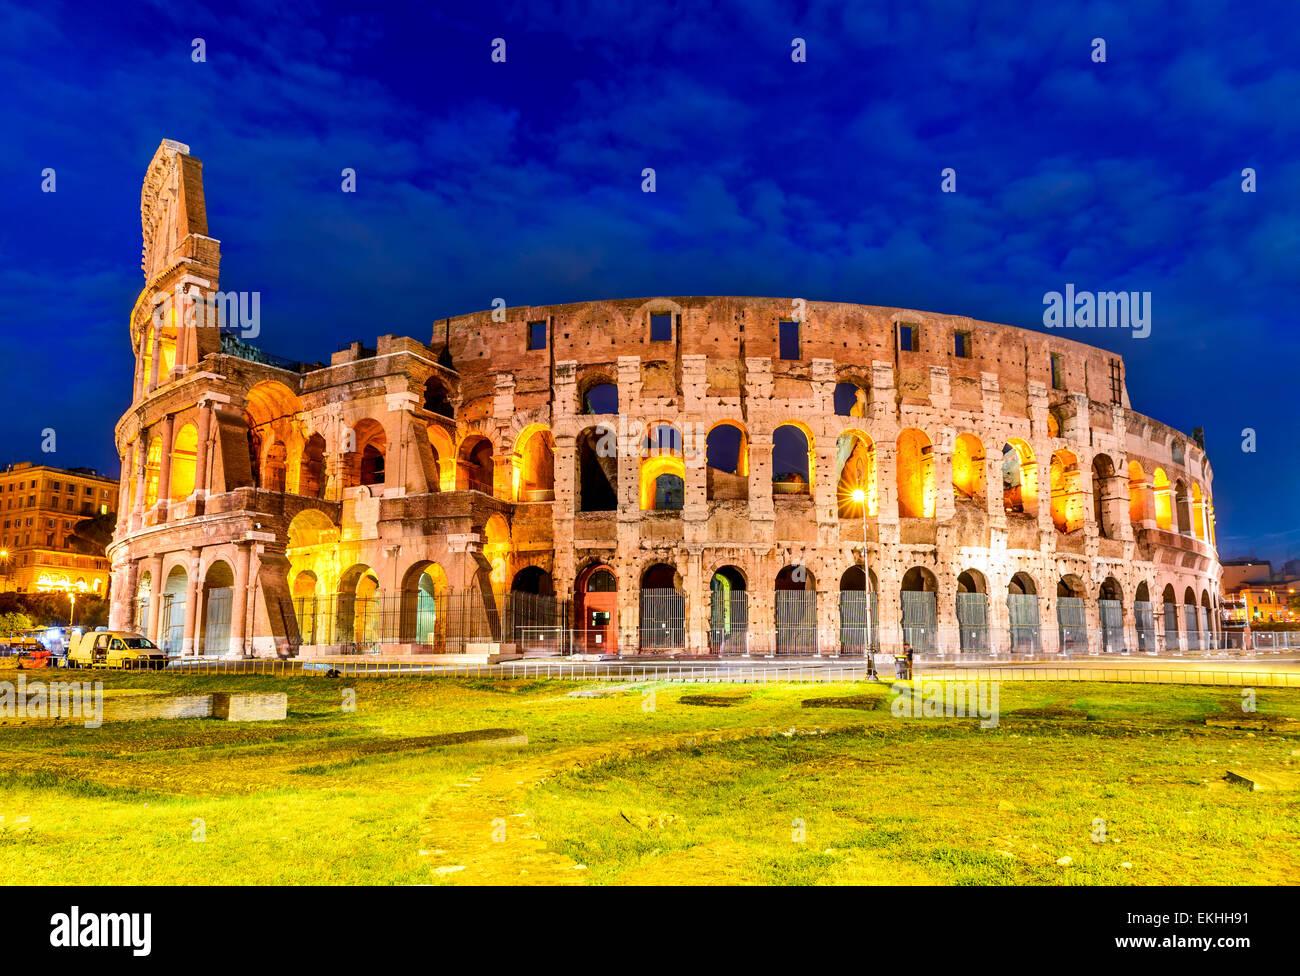 Colosseo, Roma, Italia. Twilight vista Colosseo a Roma, ellittica più grande anfiteatro dell Impero Romano Immagini Stock